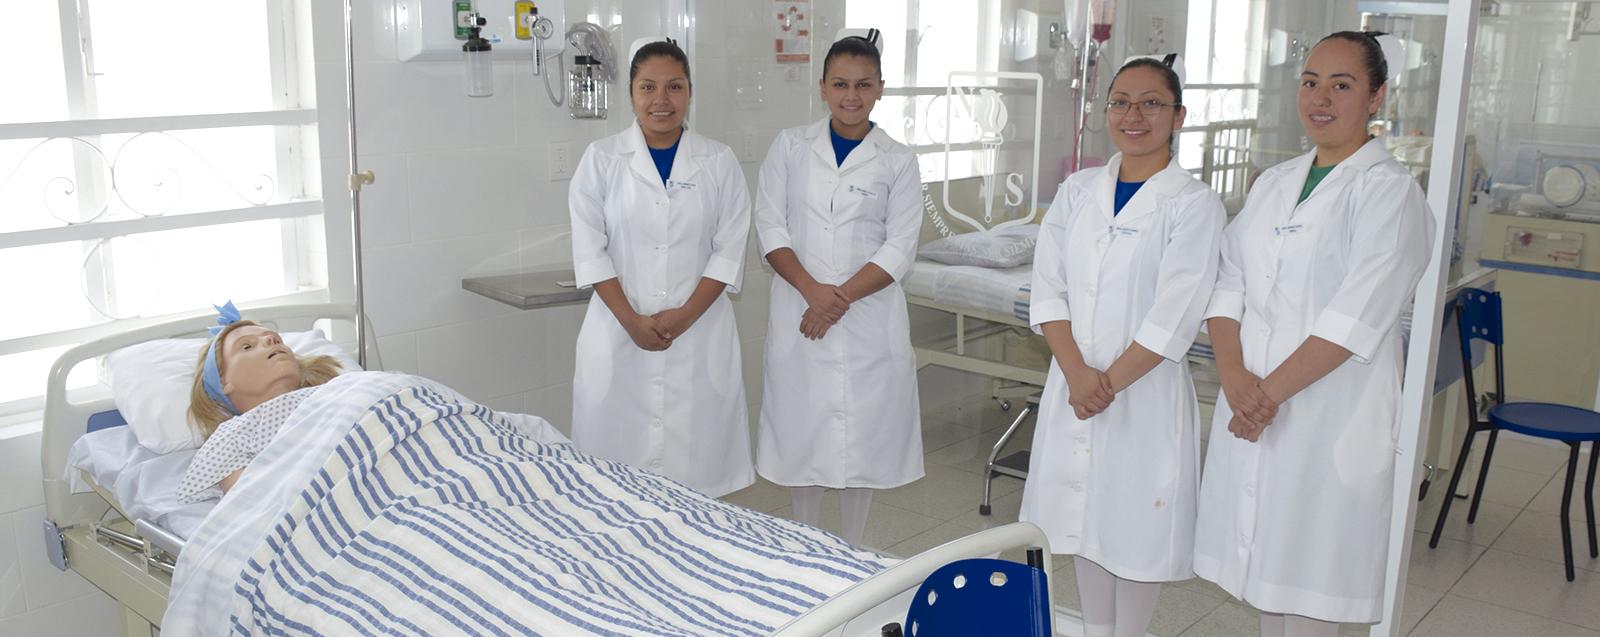 Escuela de Enfermería de Nuestra Señora de la Salud Morelia